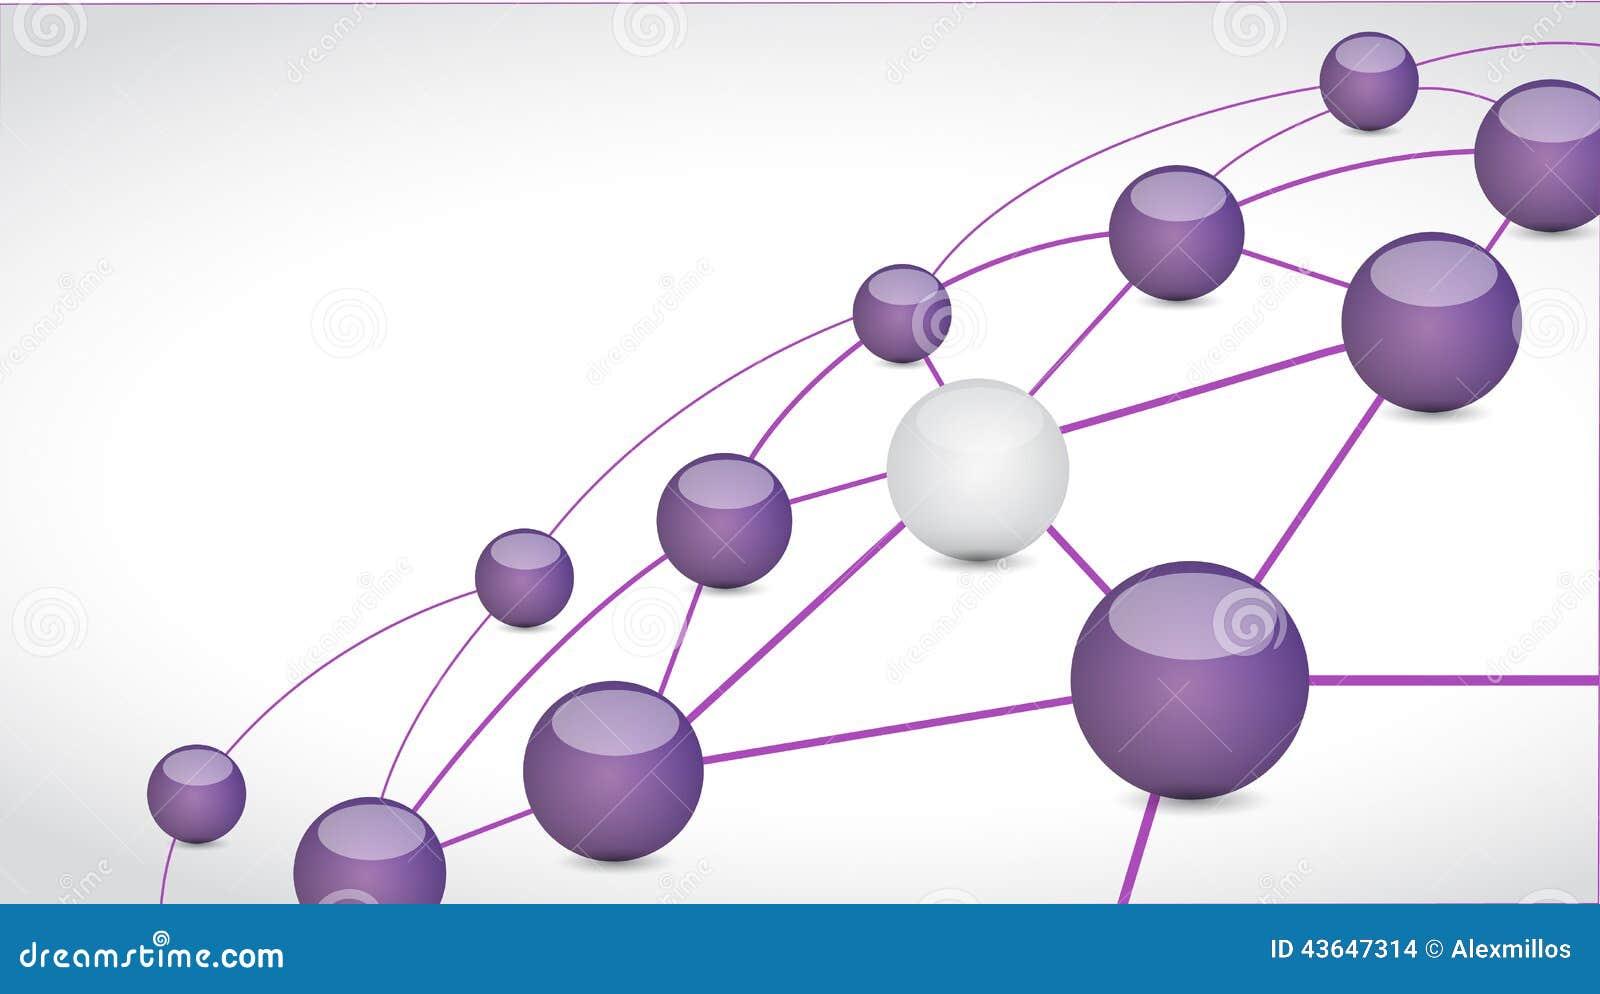 球形连接链接技术网络例证图片